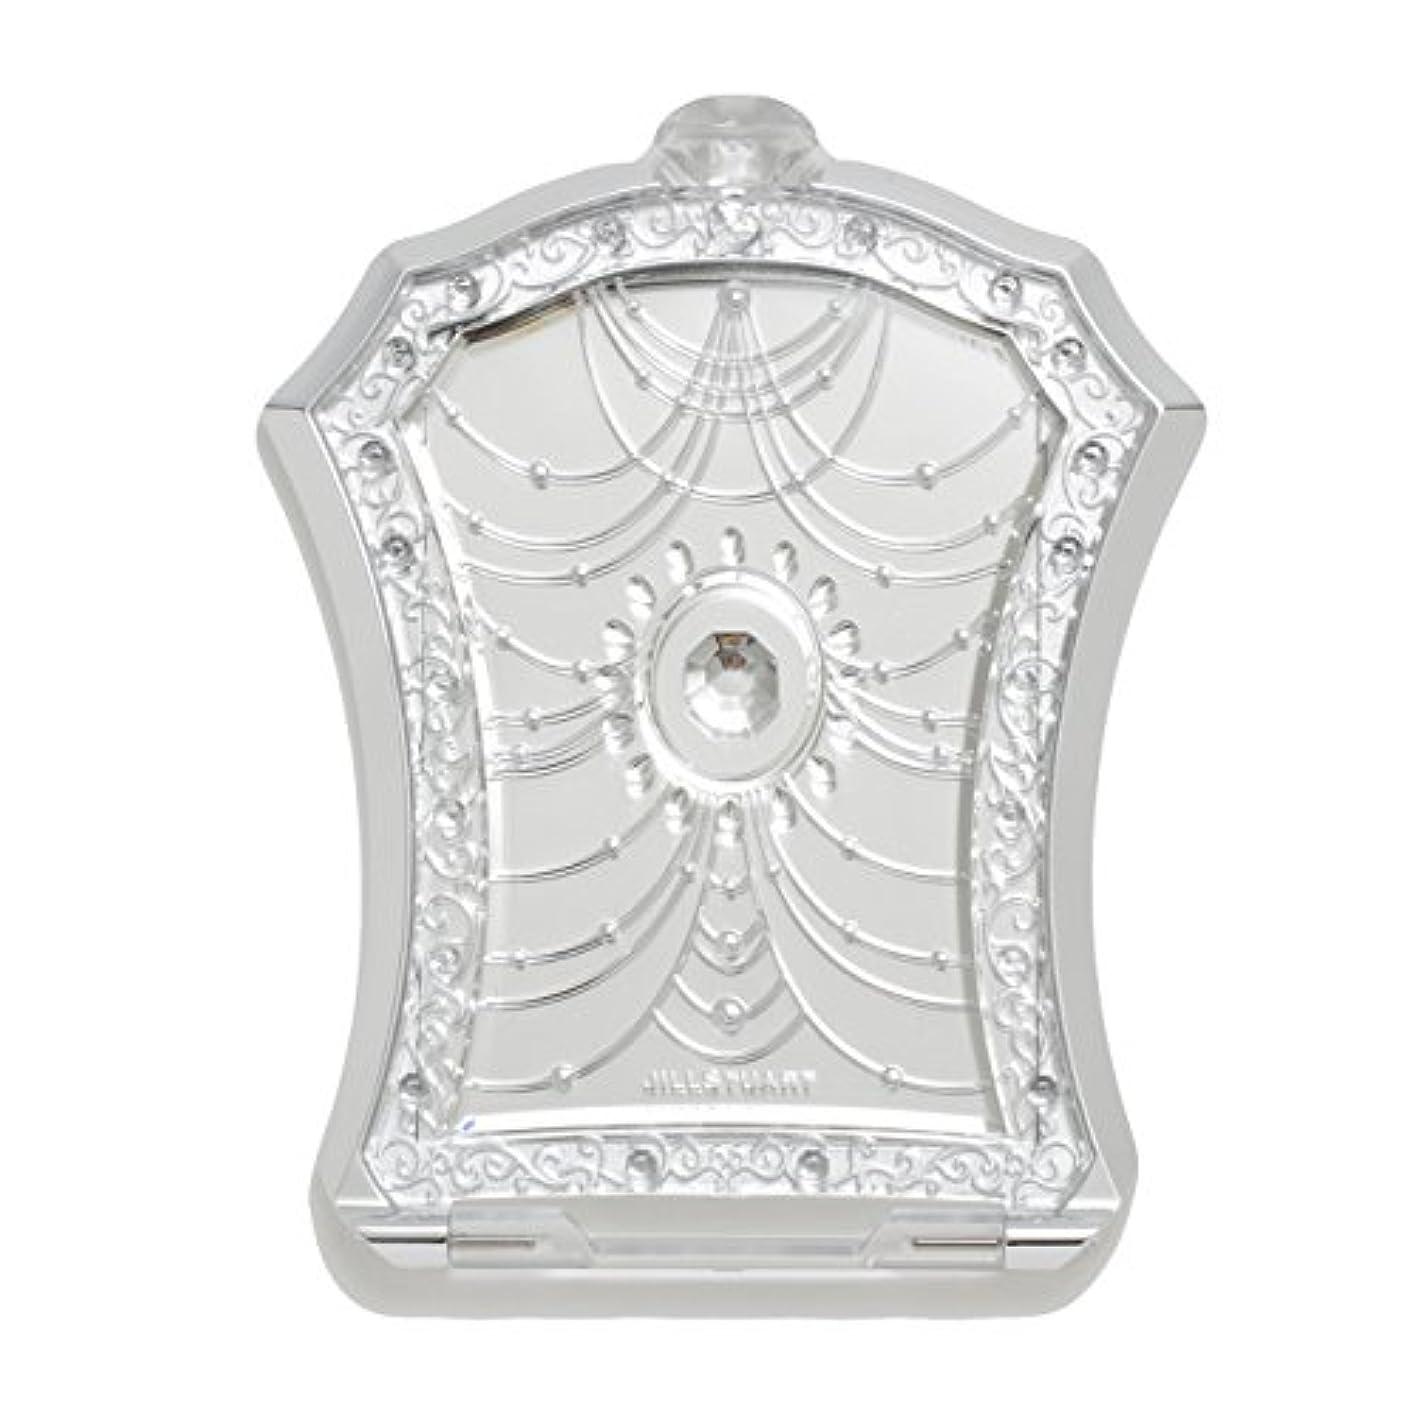 多用途急流かすかなジルスチュアート JILL STUART ミラー 鏡 手鏡 Beauty Compact Mirror スクエア 四角 コンパクト ミラー 20743